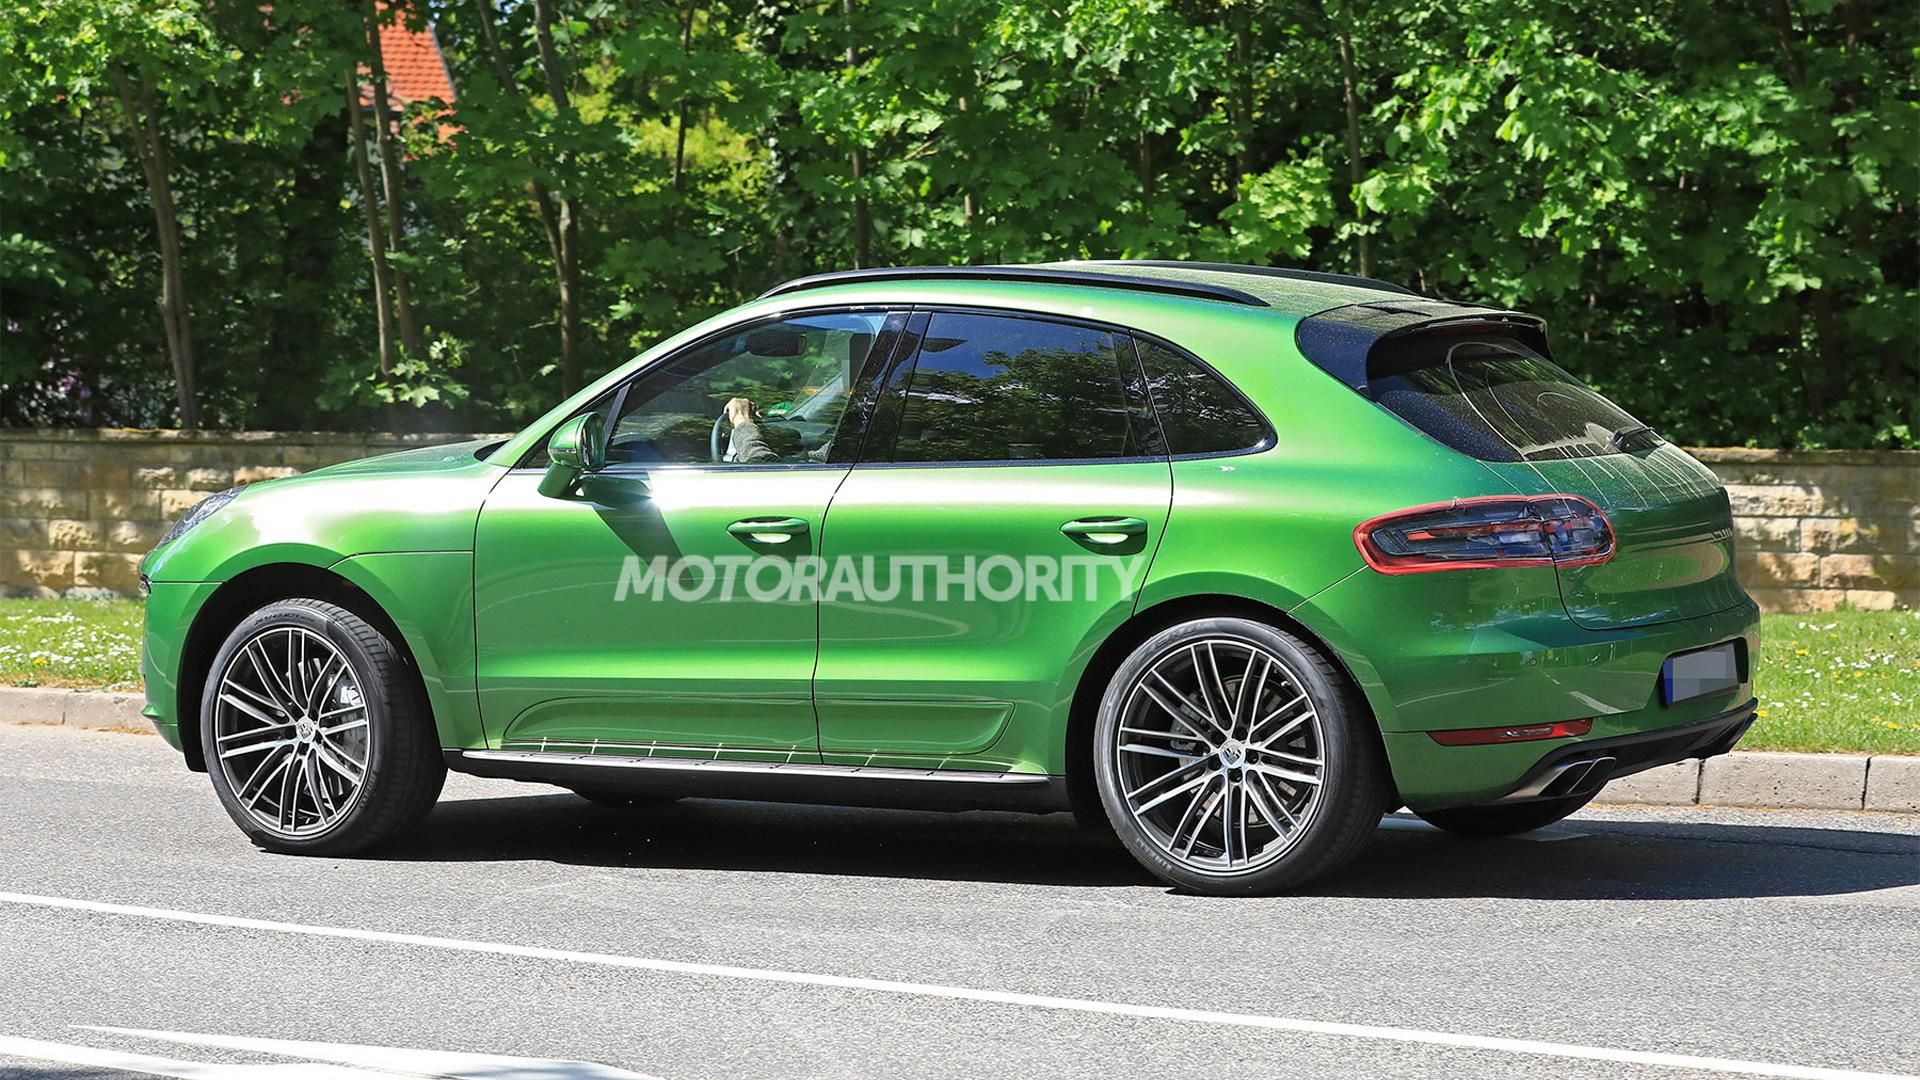 2019 Porsche Macan facelift spy shots - Image via S. Baldauf/SB-Medien